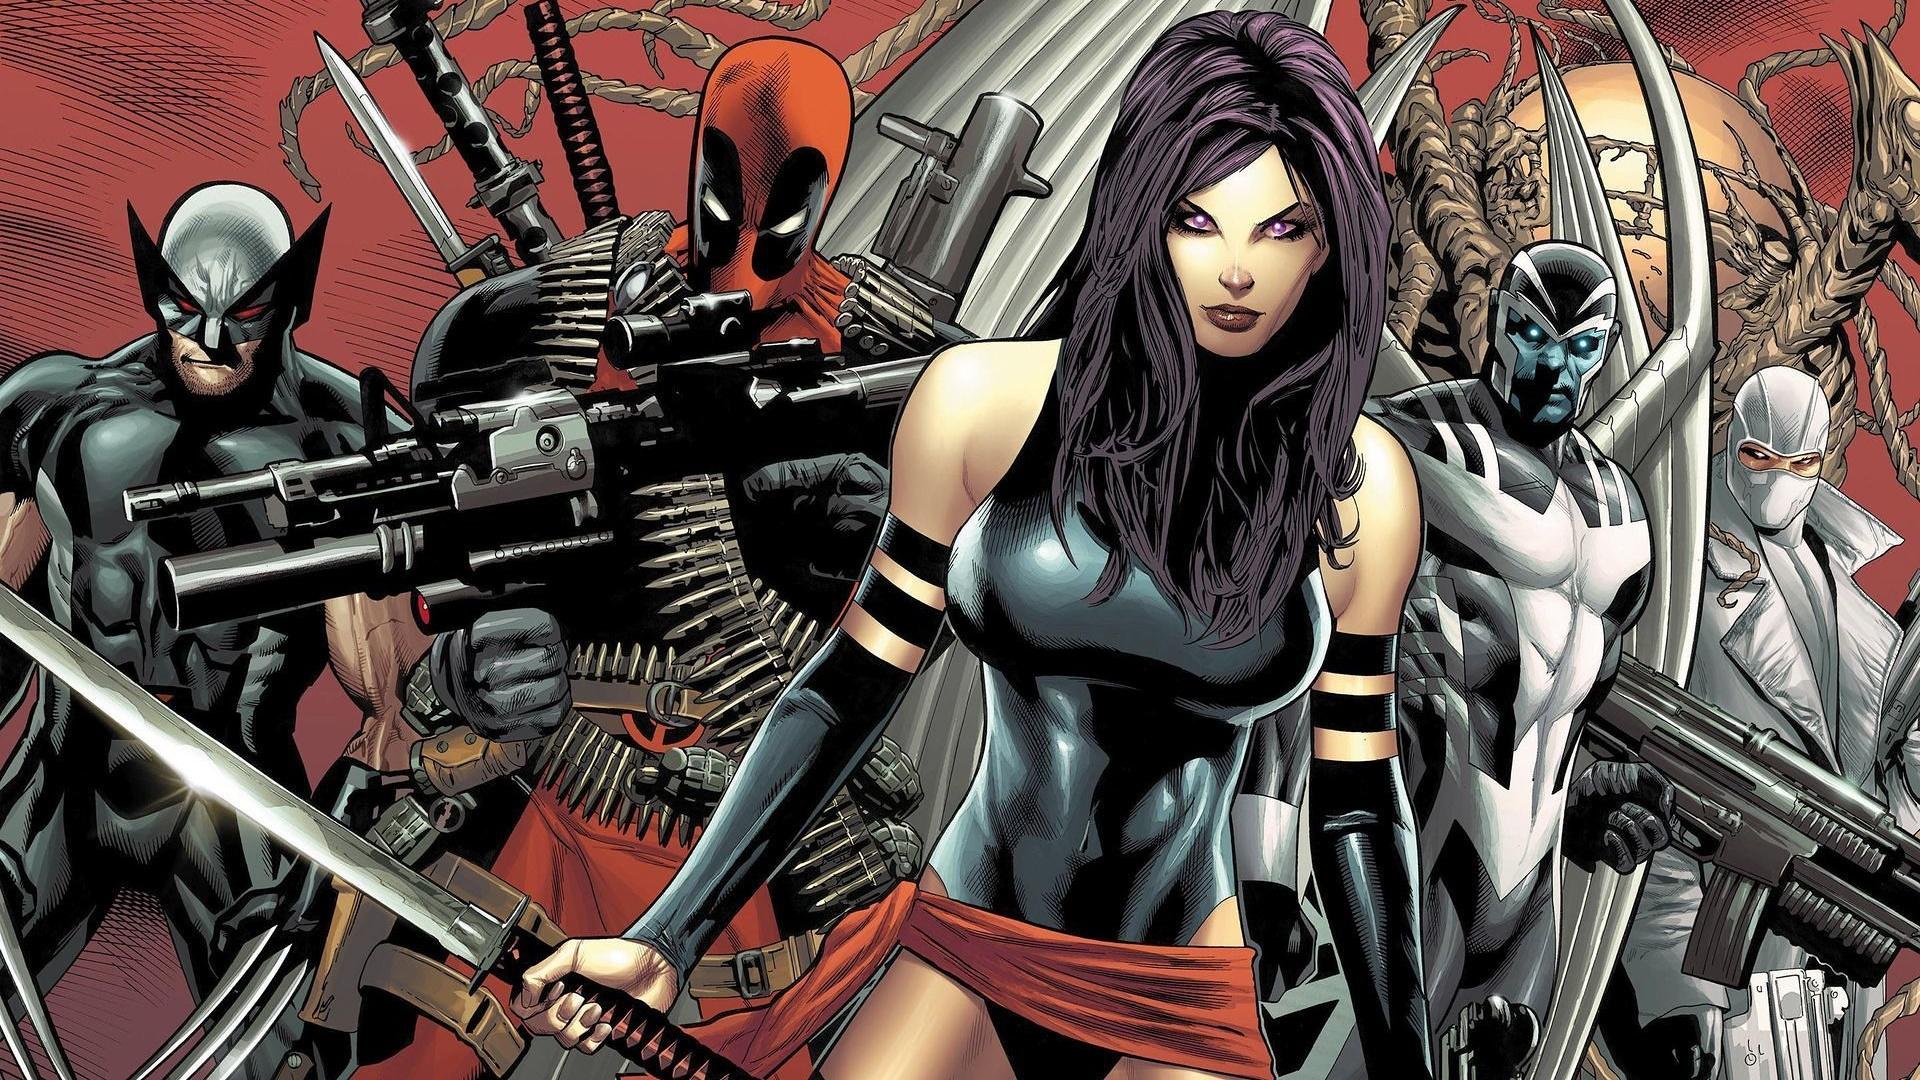 uncanny-x-force-comics-wallpaper.jpg